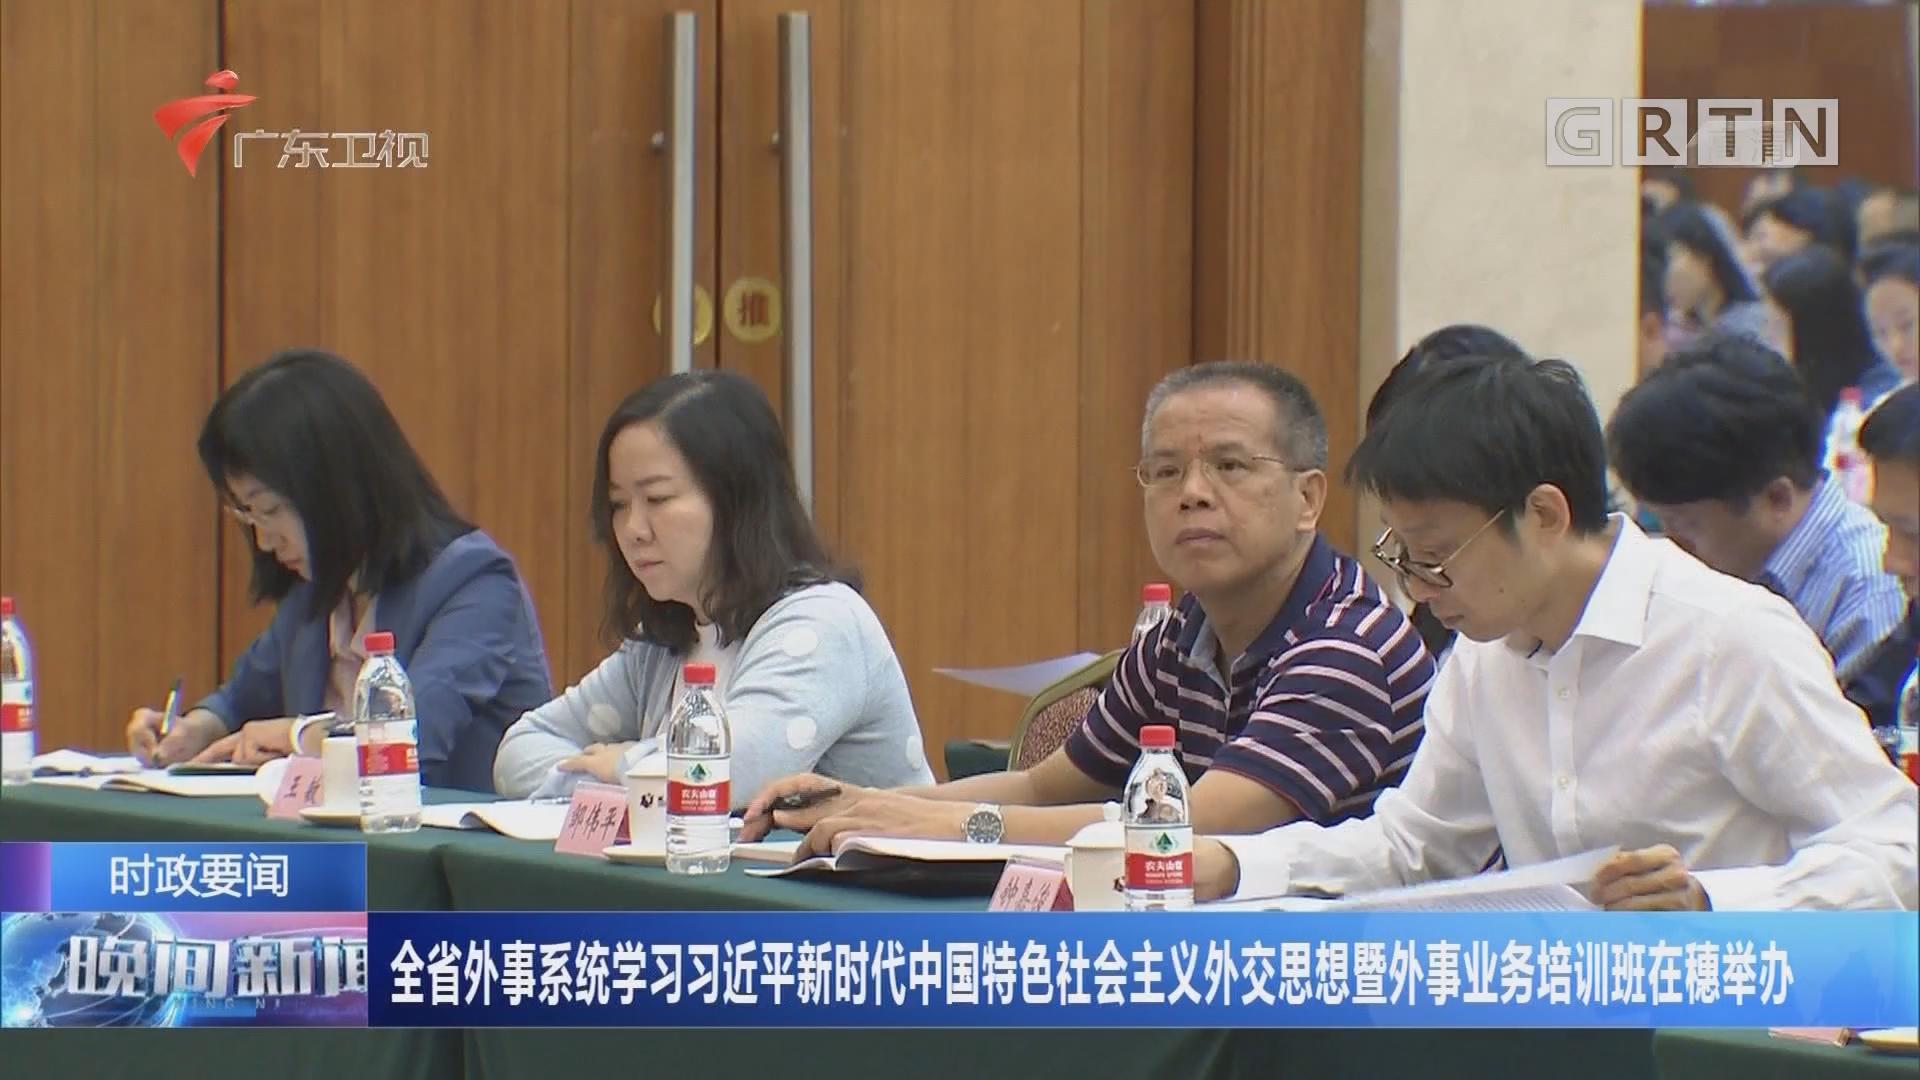 全省外事系统学习习近平新时代中国特色社会主义外交思想暨外事业务培训班在穗举办